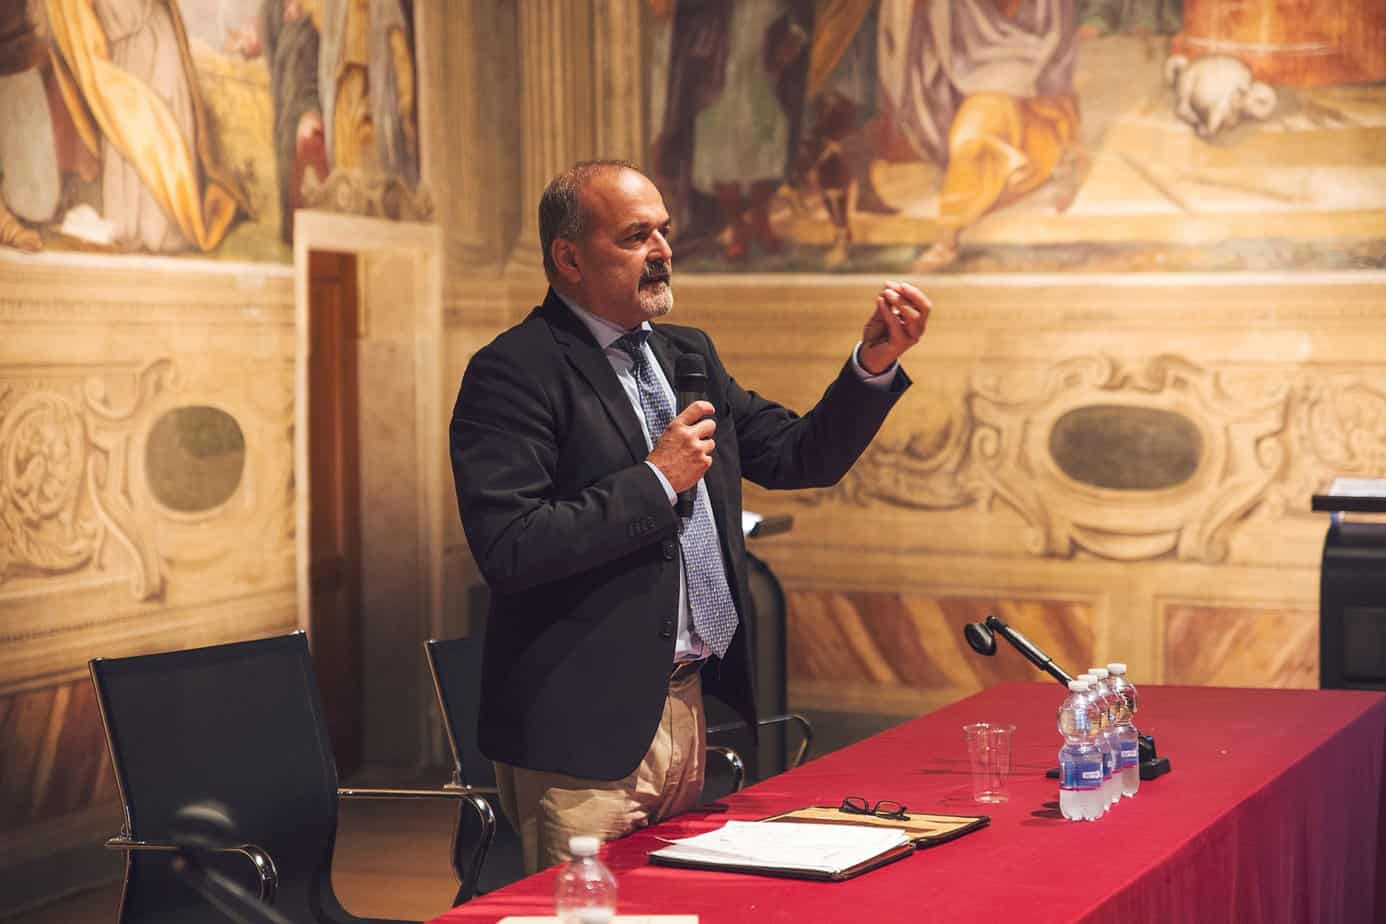 Adriana_presentazione_Libro_Padova_Francescabandiera1